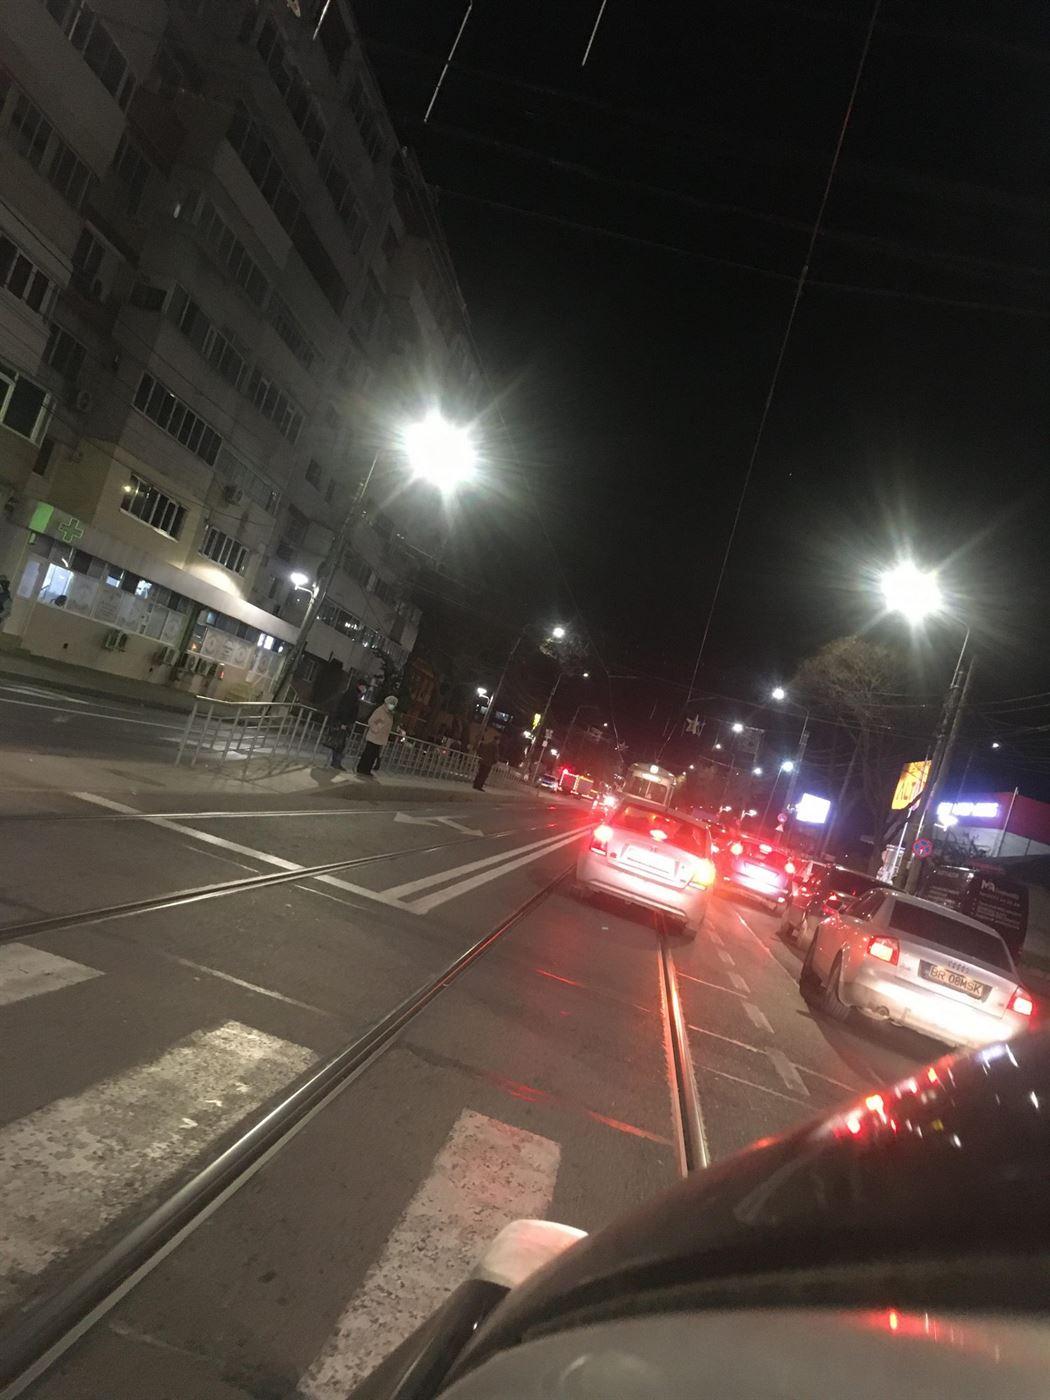 Panică într-un tramvai după ce vatmanului i s-a făcut rău